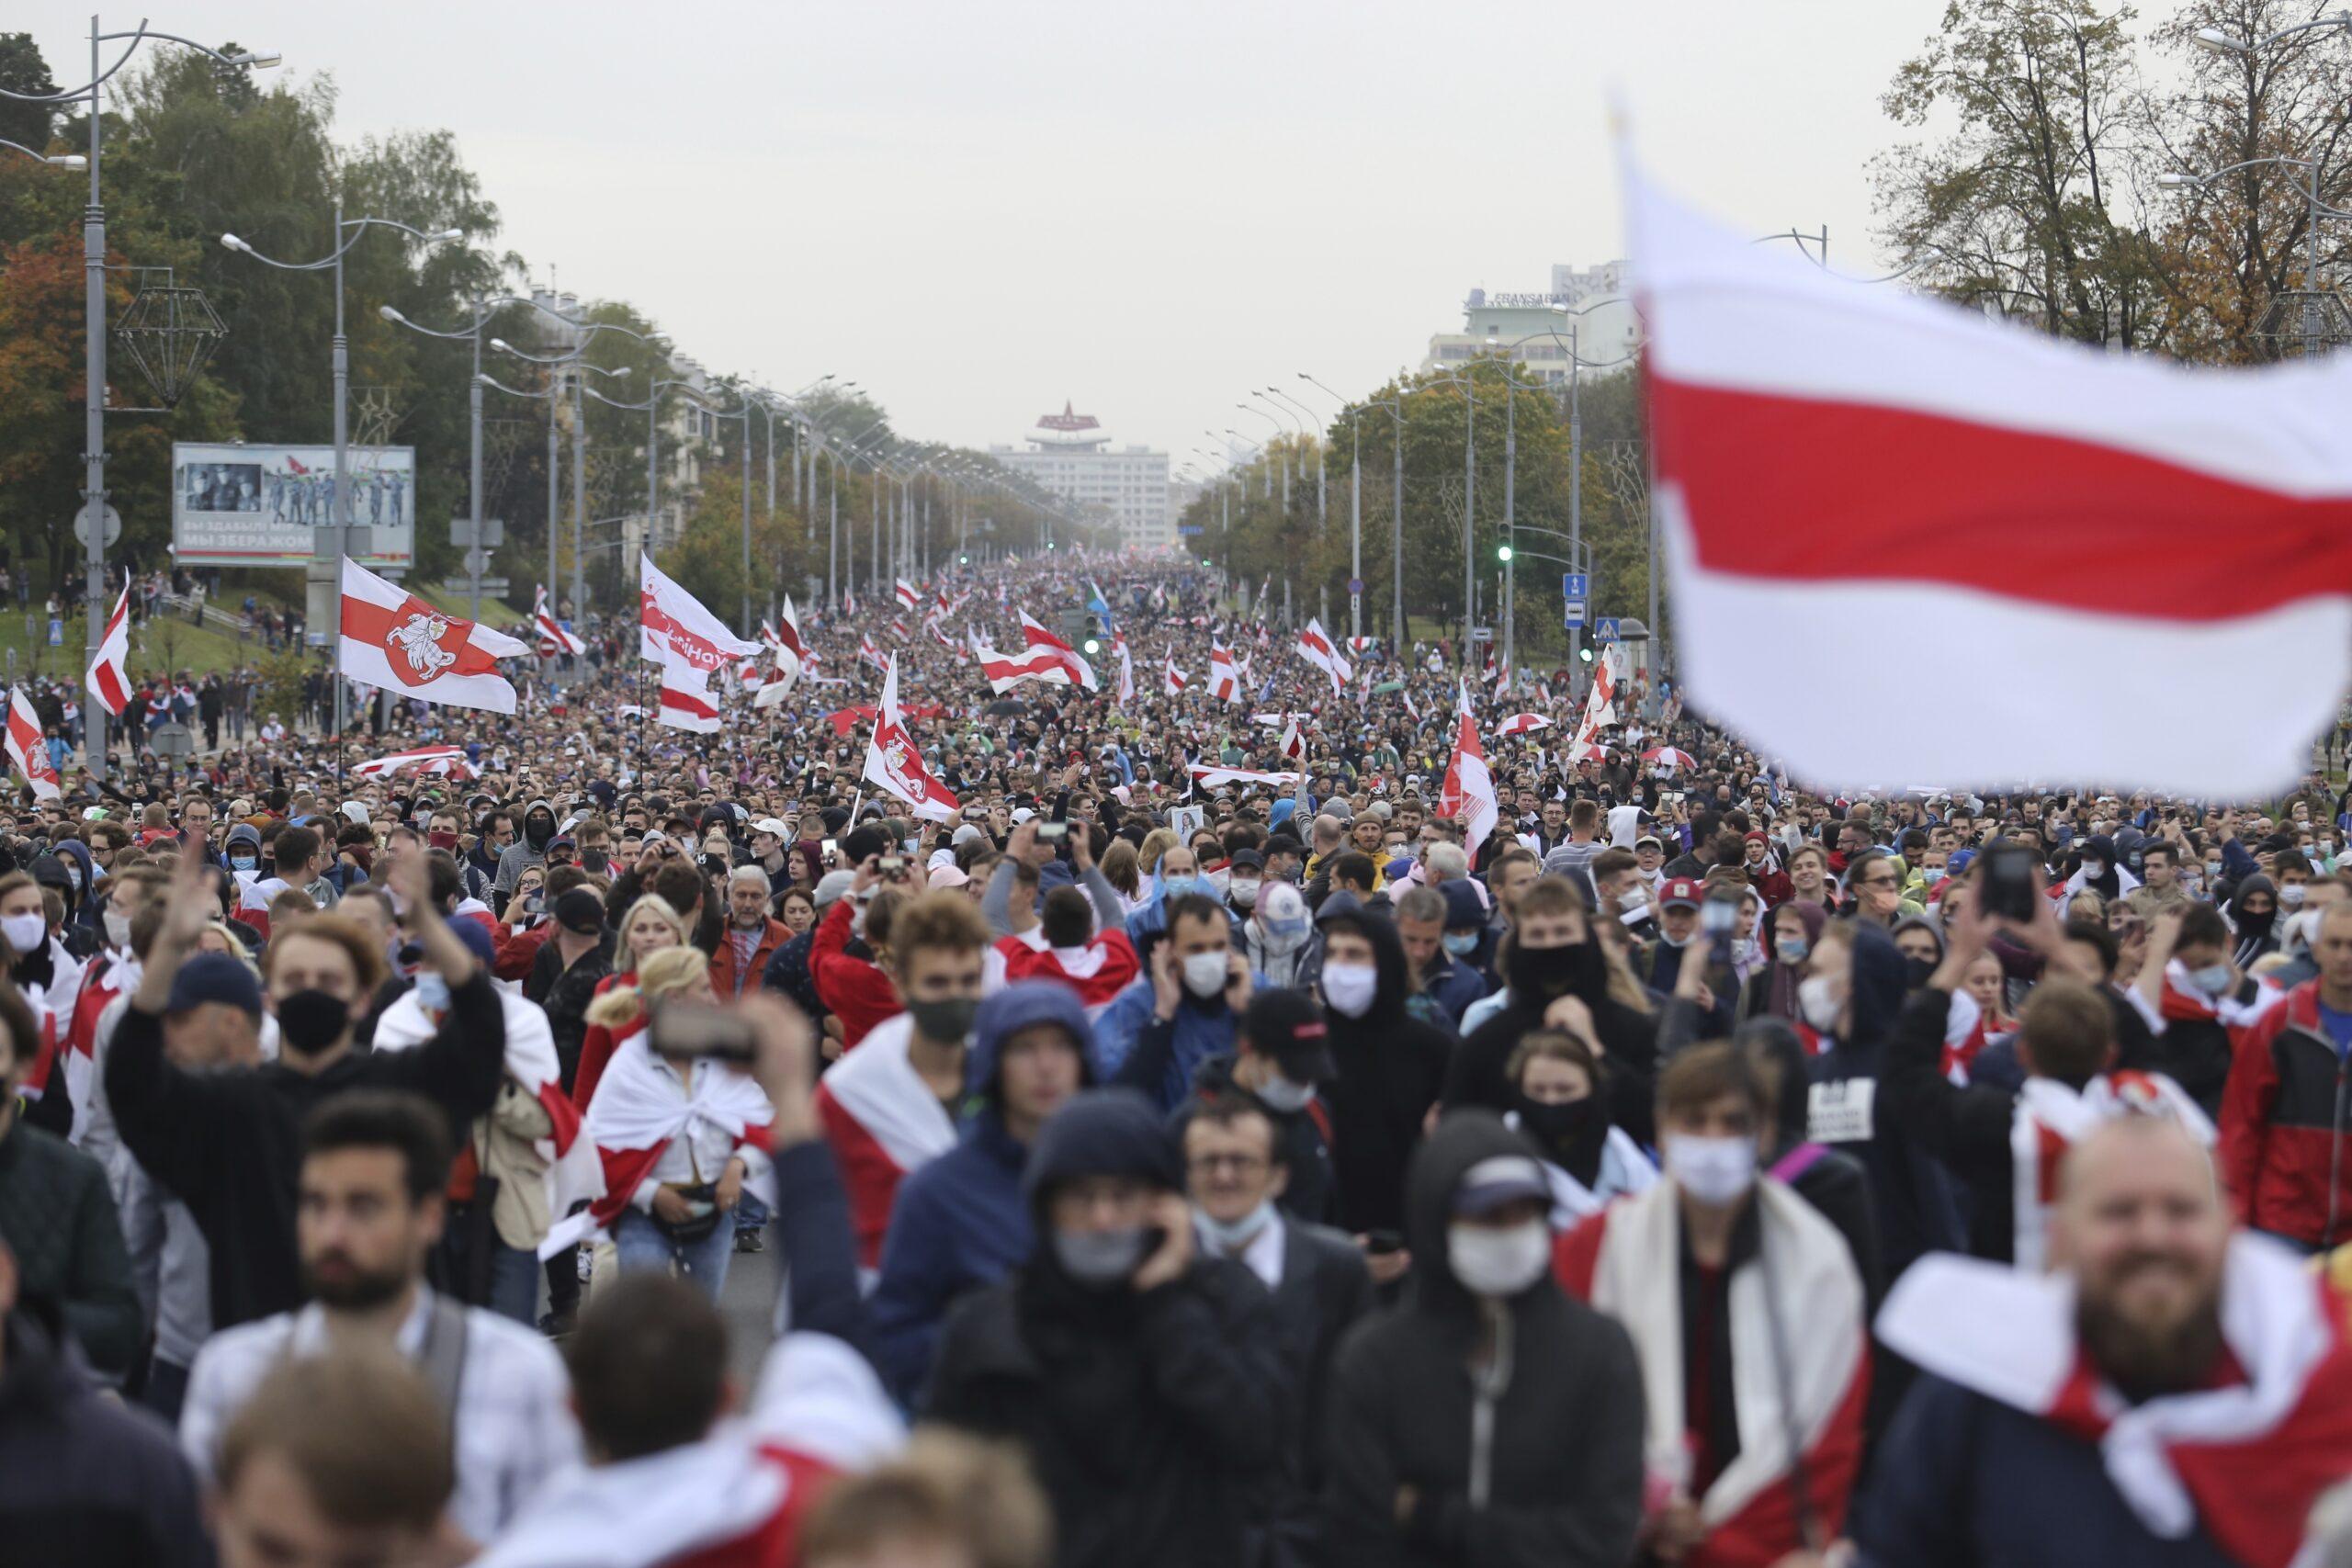 protesste bielorussia